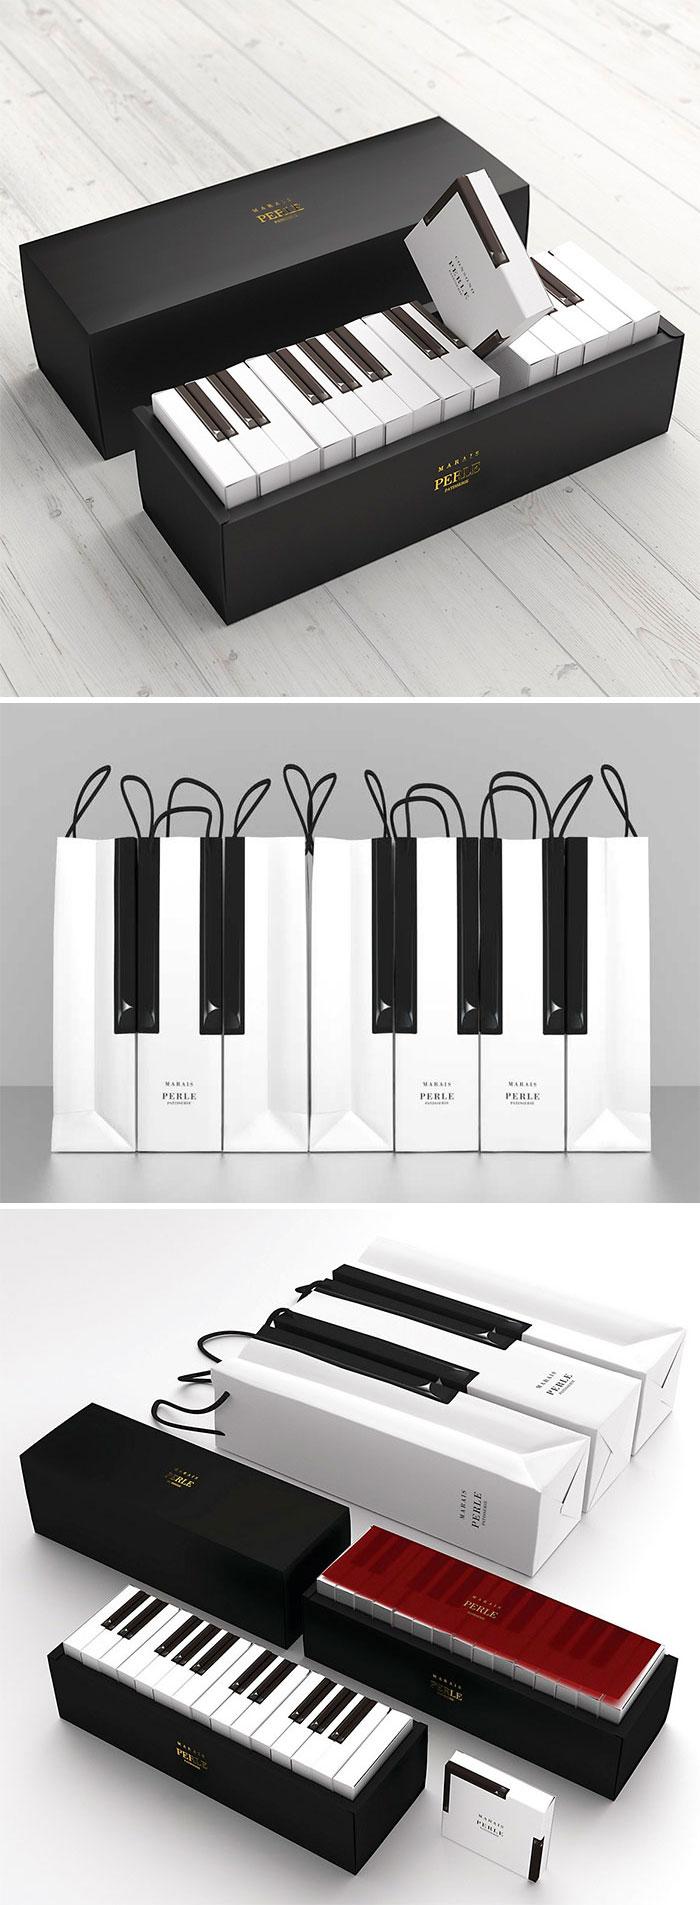 creative food packaging ideas 2 5947c1283a443  700 - As embalagens mais criativas da publicidade (Parte 1)